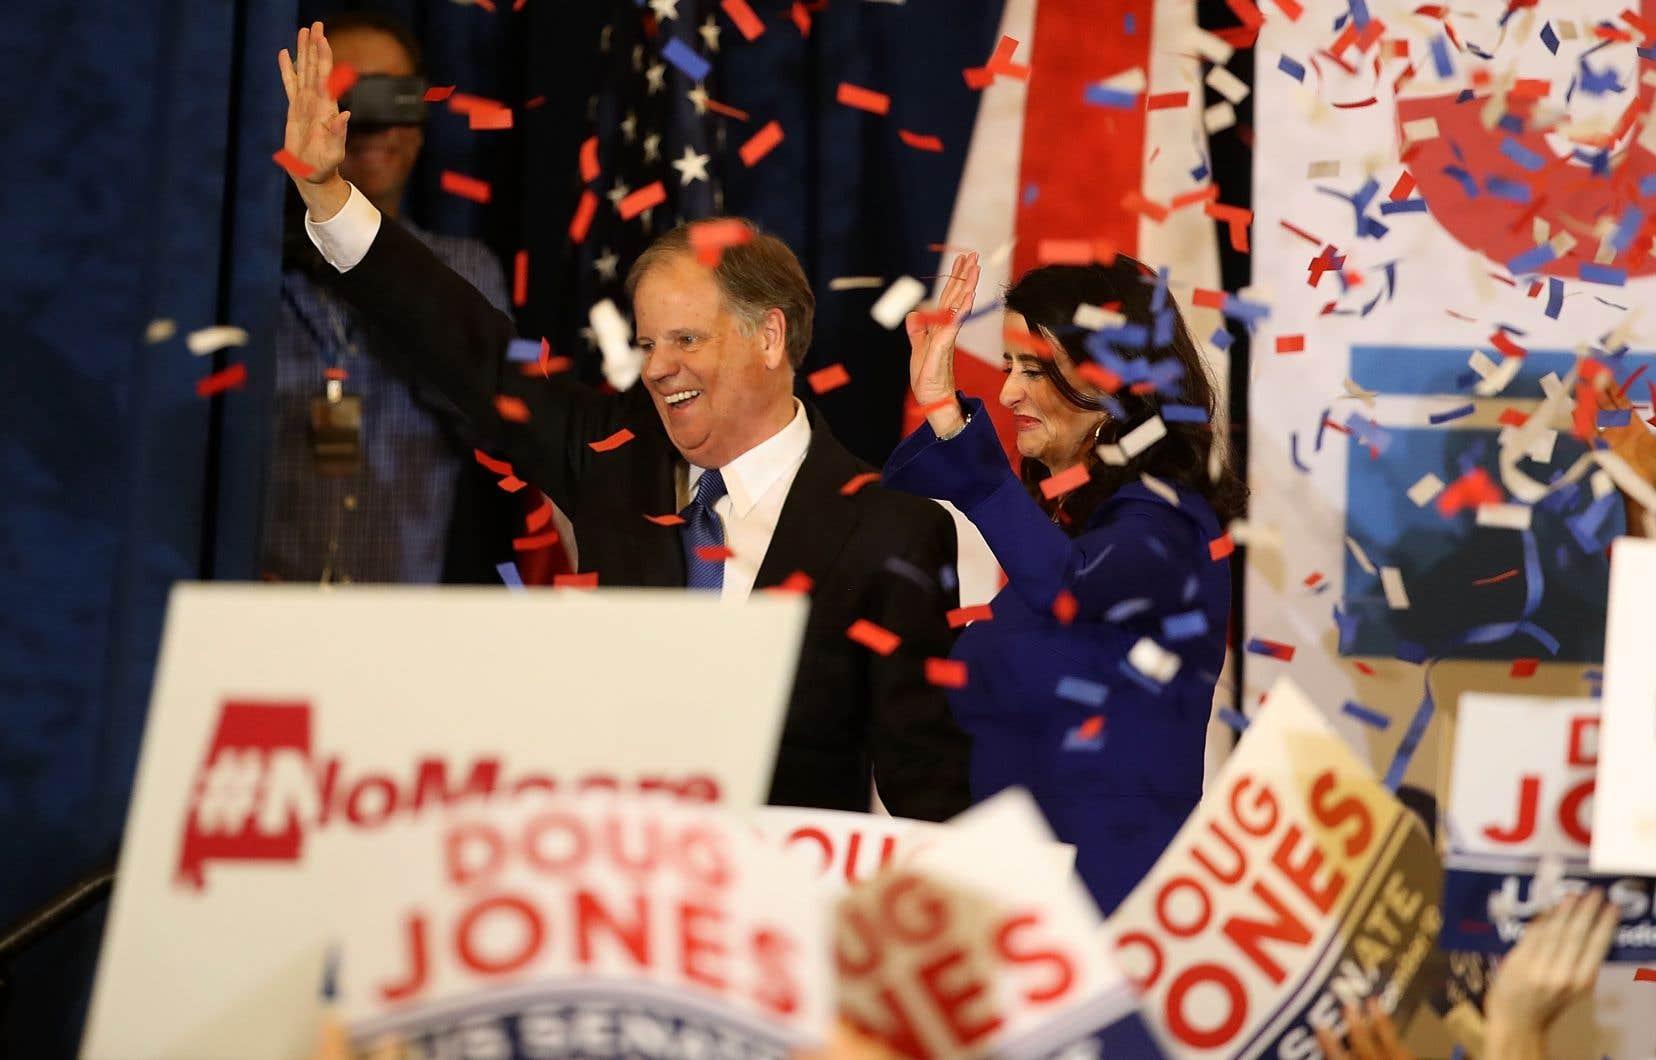 Le démocrate Doug Jones salue ses partisans rassemblés à Birmingham, après avoir été déclaré vainqueur de l'élection sénatoriale en Alabama, mardi soir.